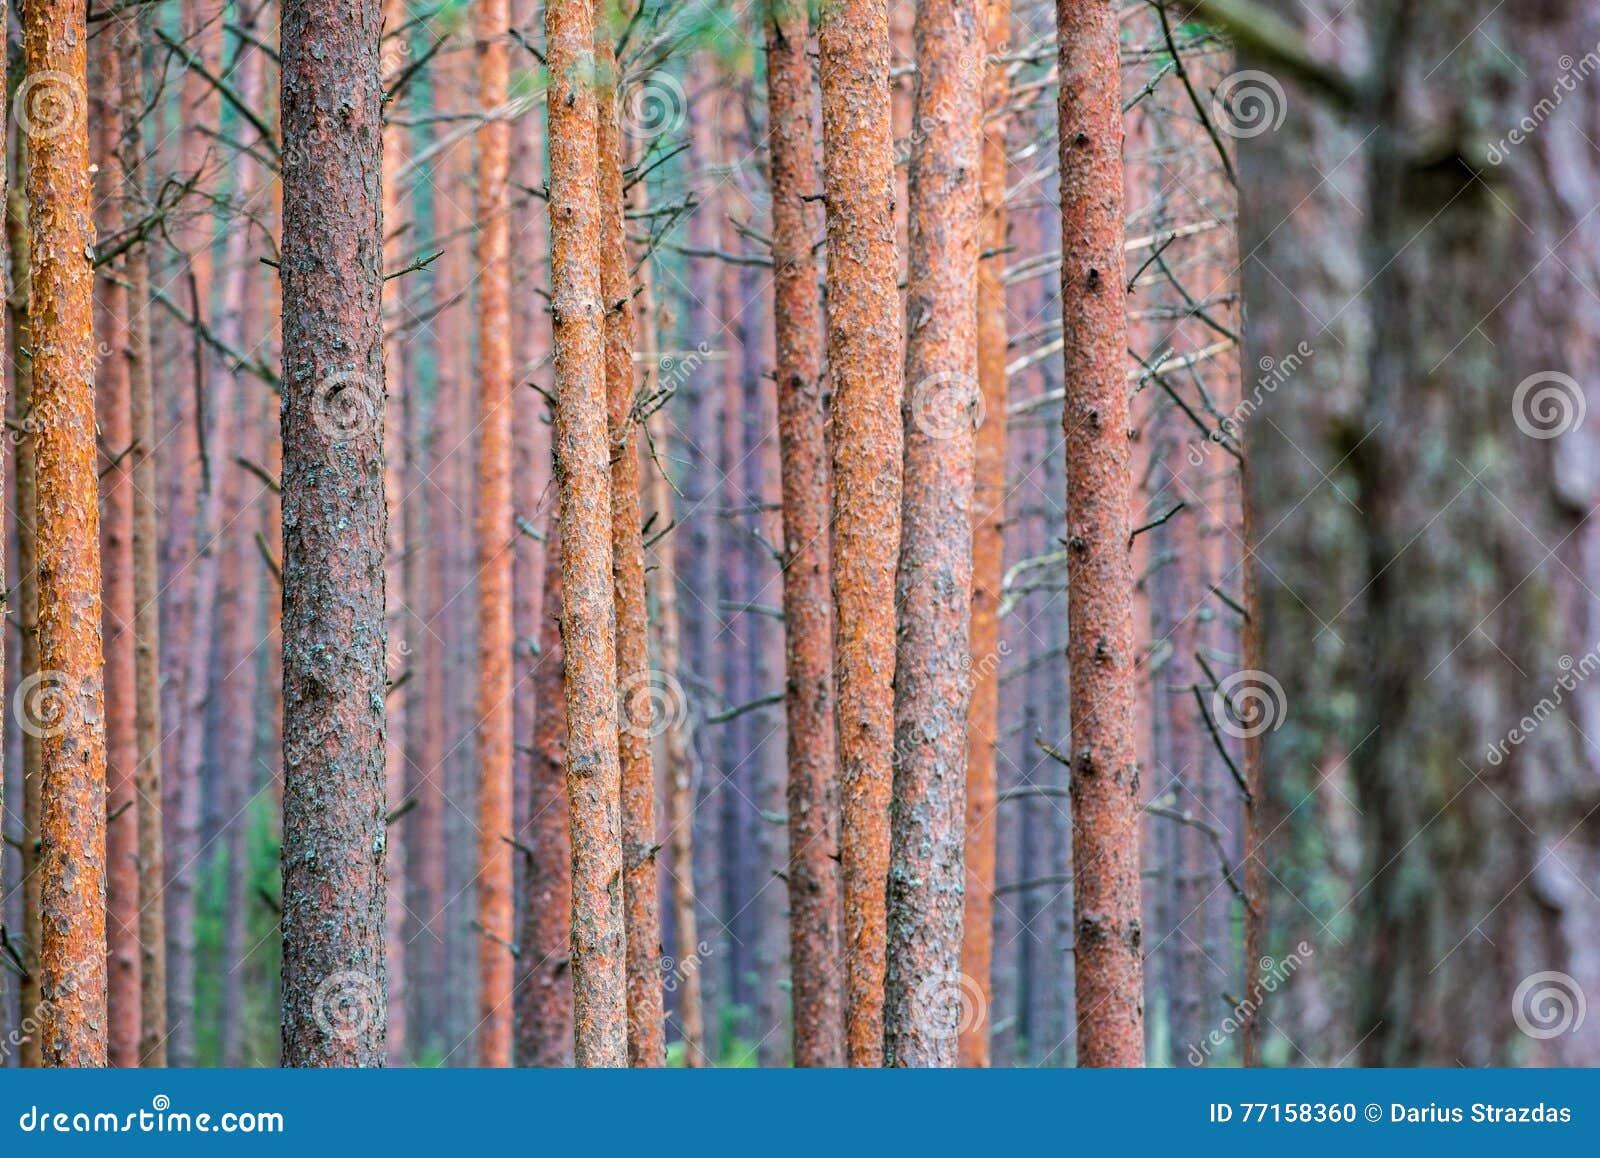 Troncs de pin en gros plan